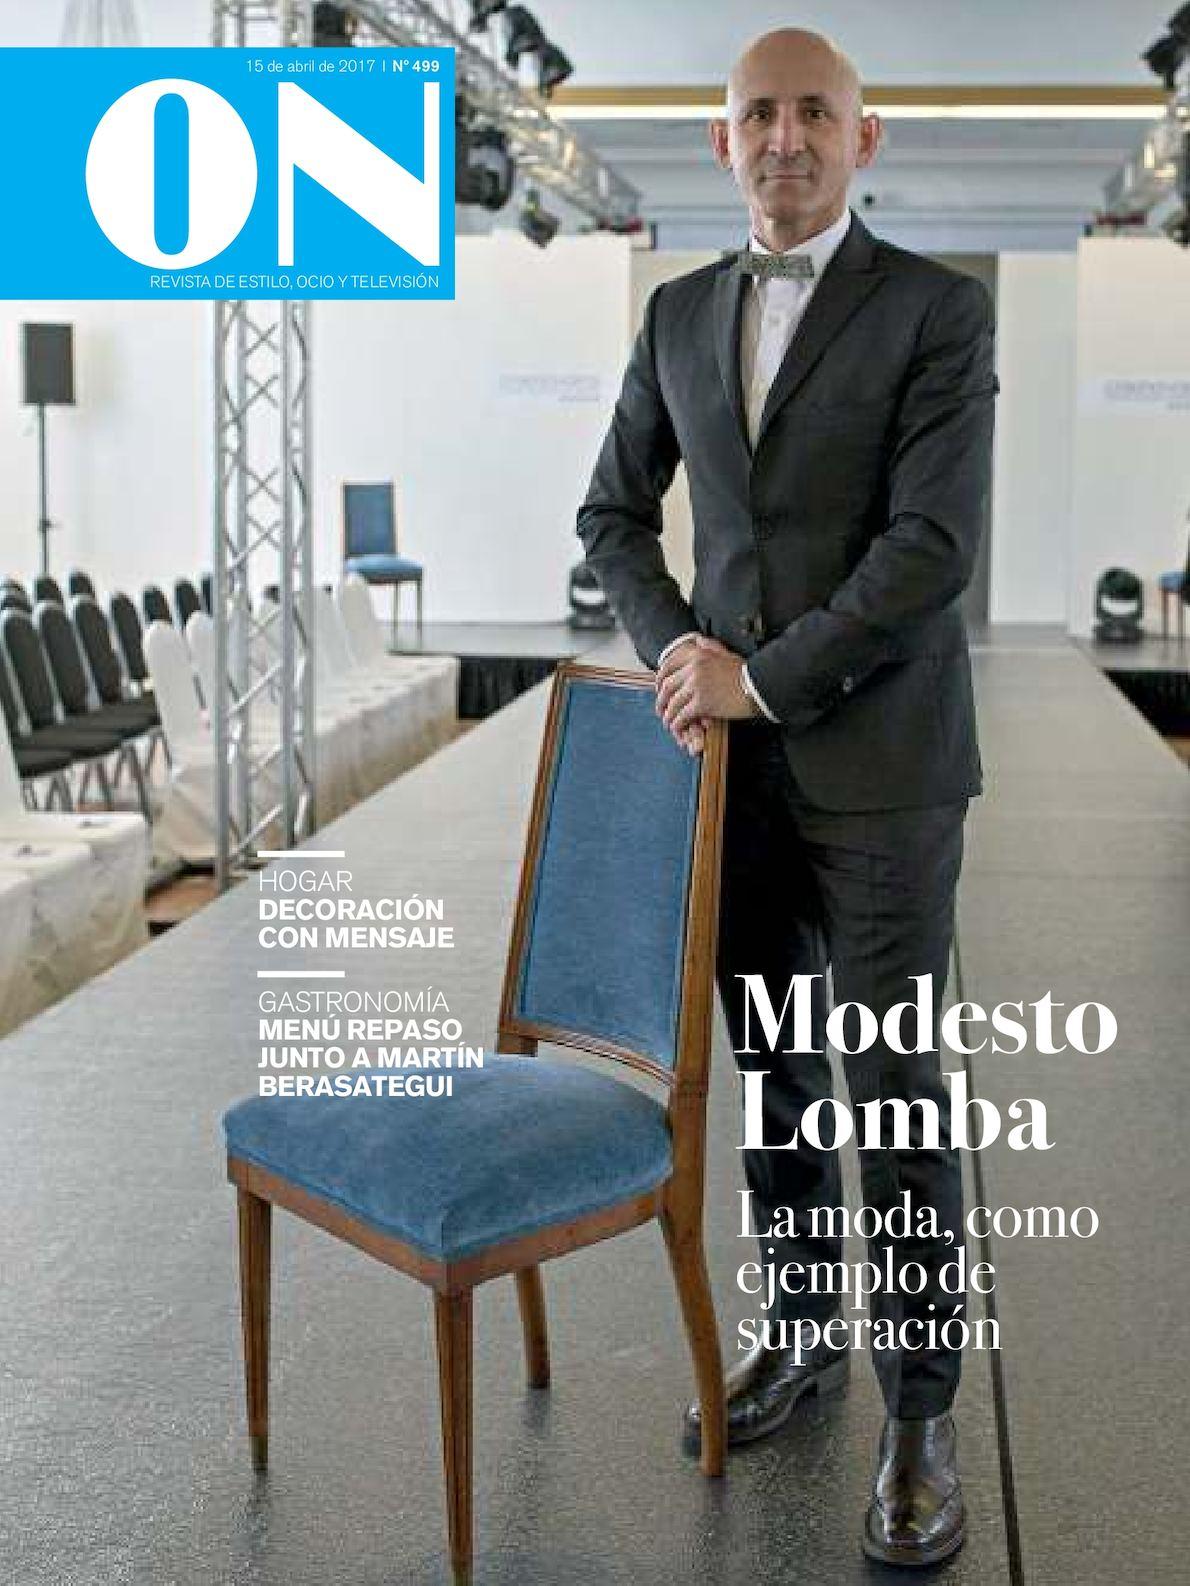 ON Revista de Ocio y Estilo 20170415